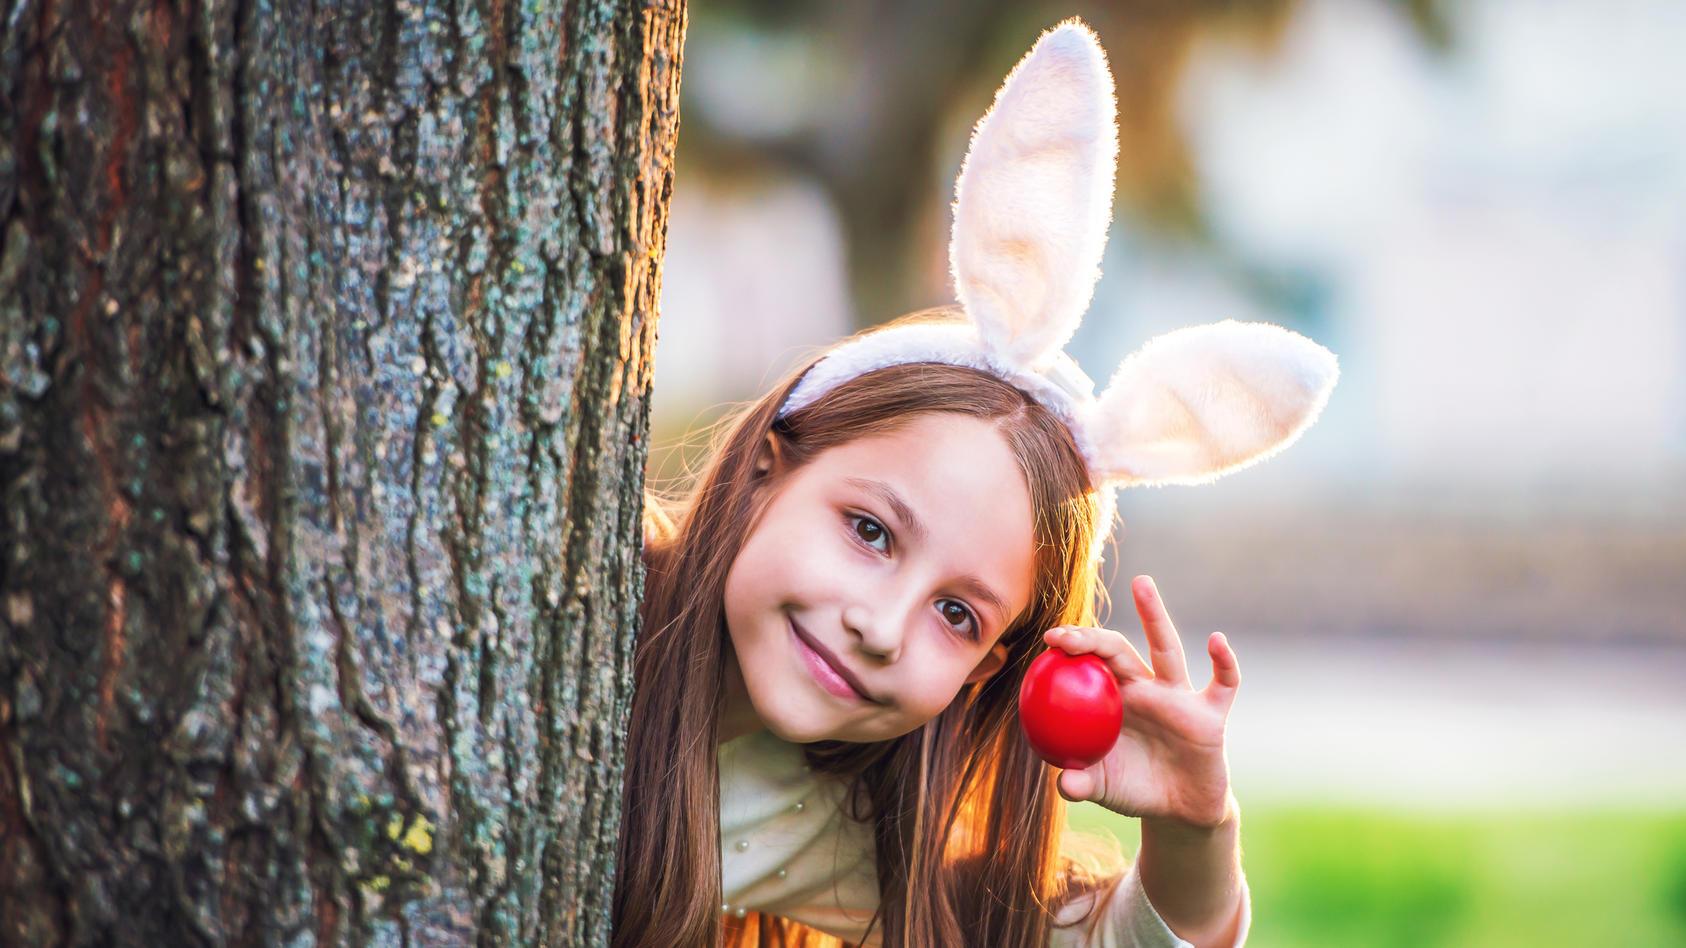 Man kann die Eier klassisch hinterm Baum verstecken, doch viel spannender für die kleinen Ostereier-Sucher sind ungewöhnliche Verstecke. Wie wäre es zum Beispiel mal im Vogelnest?